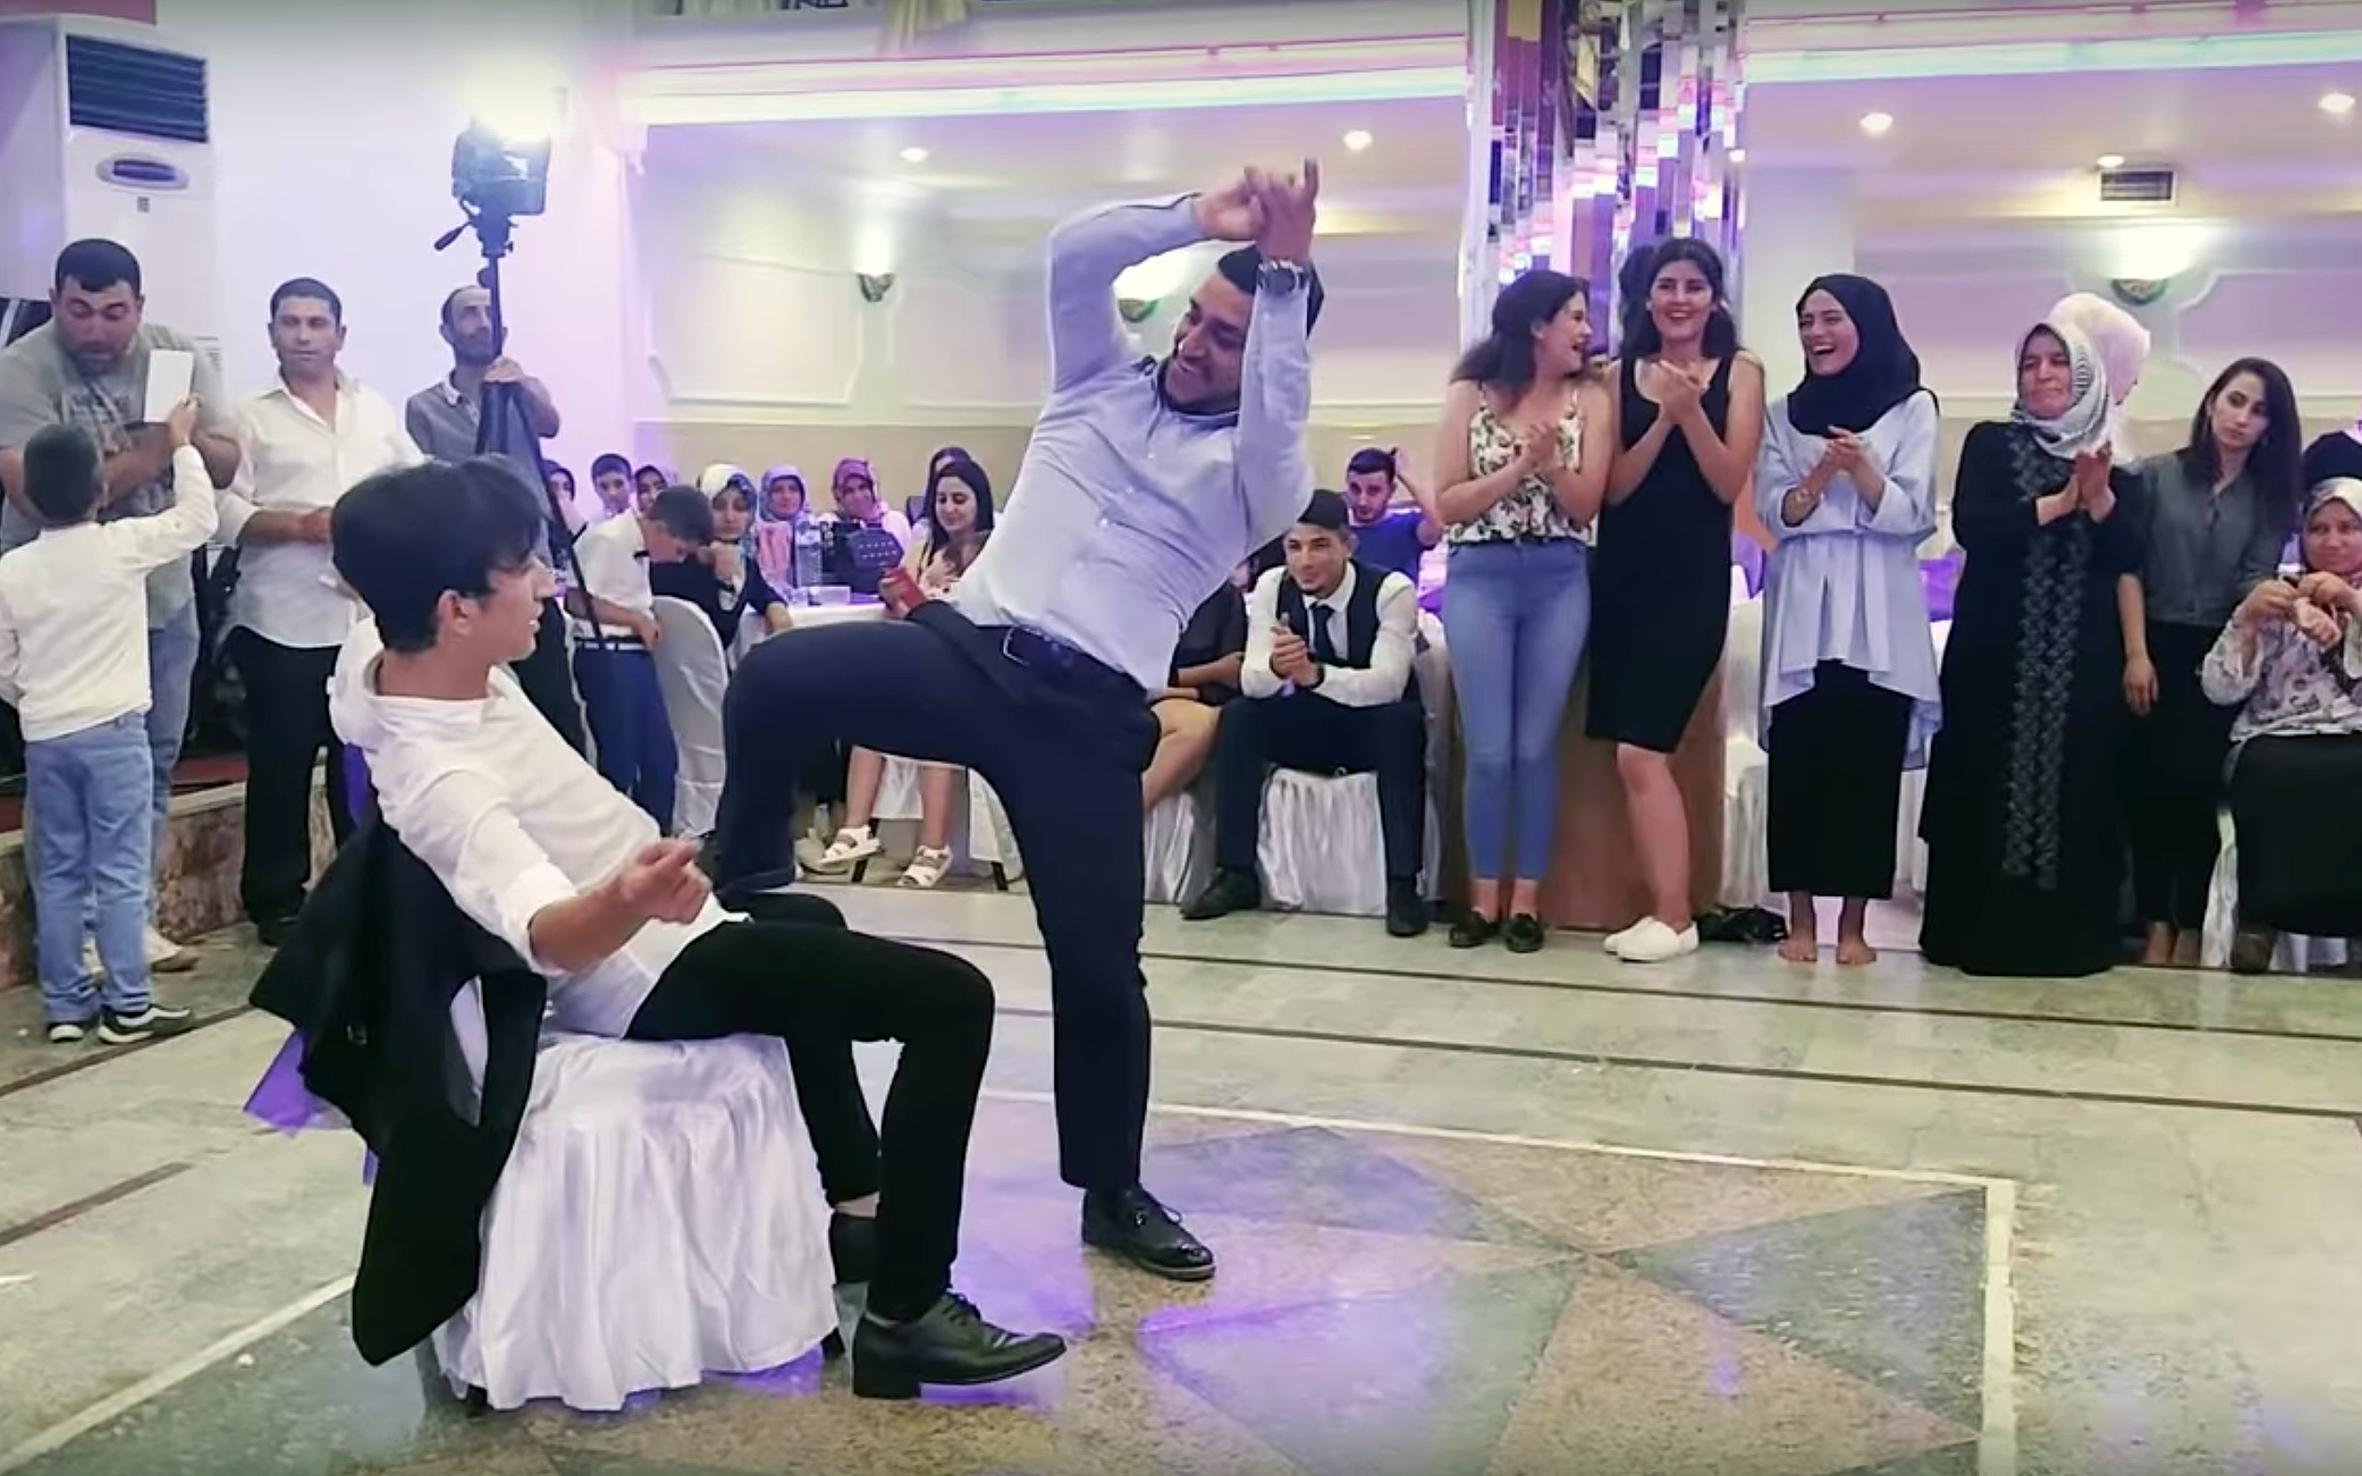 179.Çilli Bom / Turkey - Çilli Bom is dance that is a Turkish version of Harlem Shake.